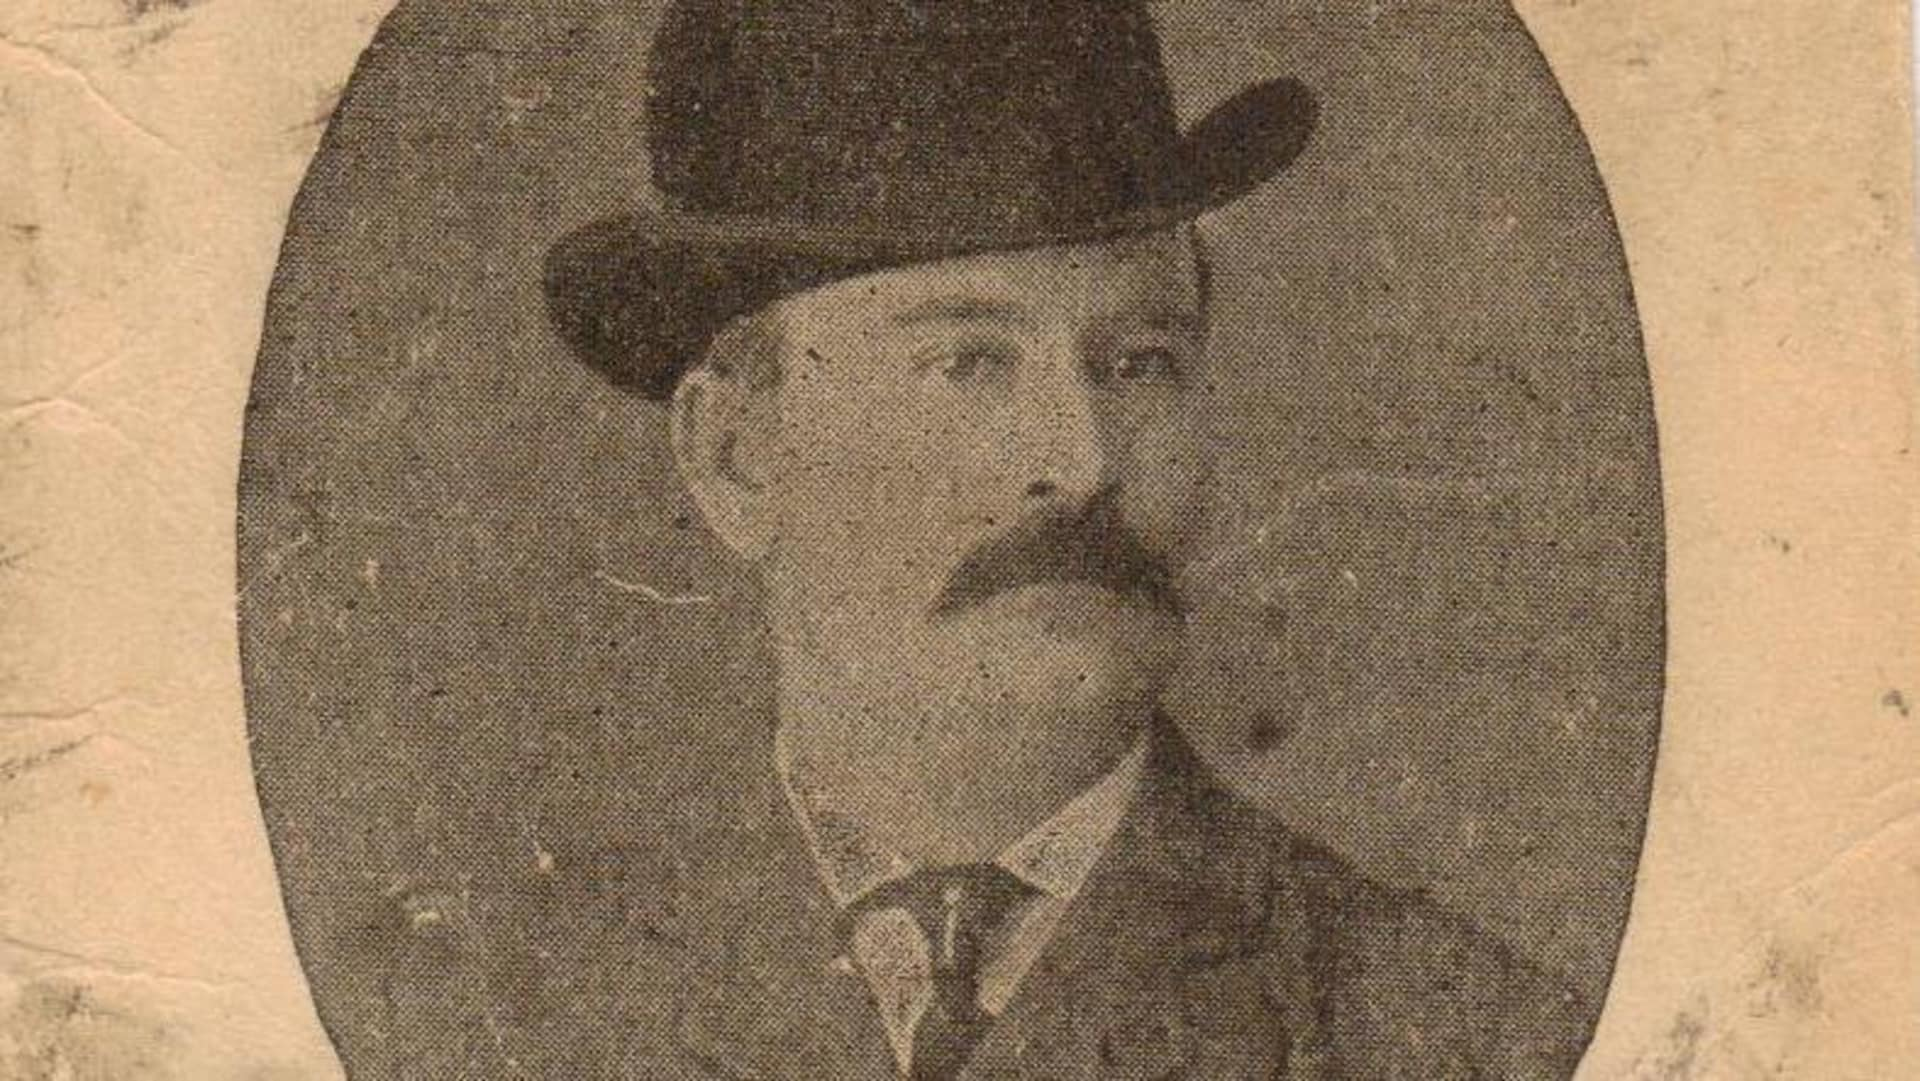 Une publicité du 19e siècle montre un portrait d'un homme moustachu portant un chapeau melon. Sa photo s'affiche dans un médaillon où s'annonce son restaurant, le Hub restaurant, où l'on offrait aussi cigares et boissons.